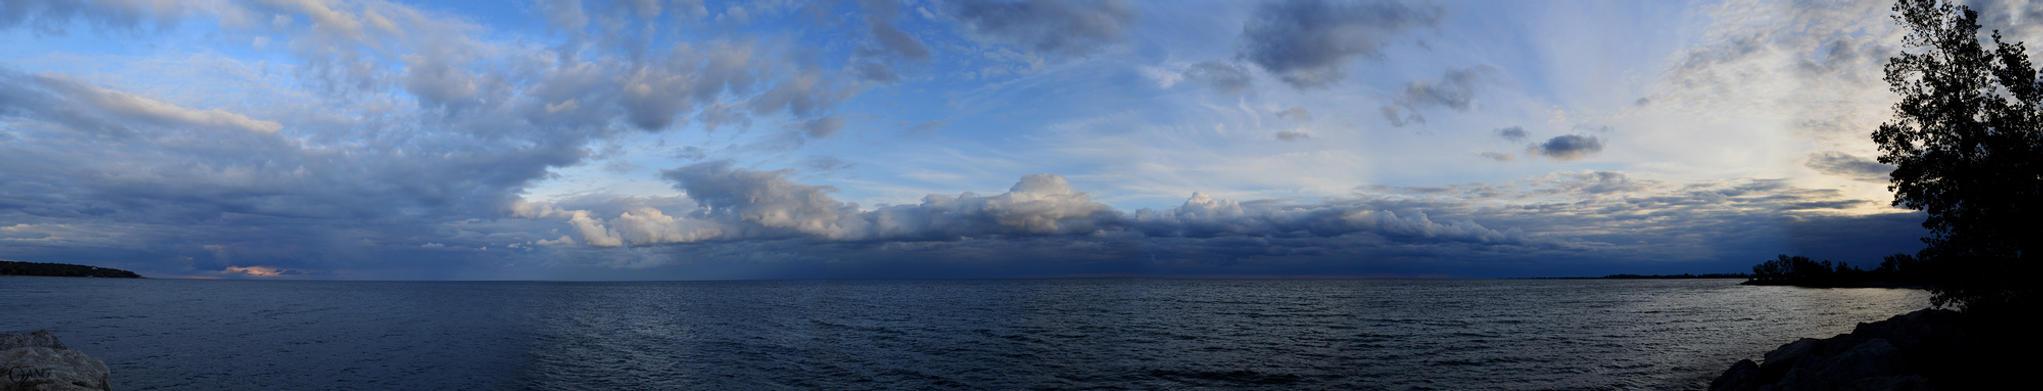 Lake Ontario Panorama by WildPencil